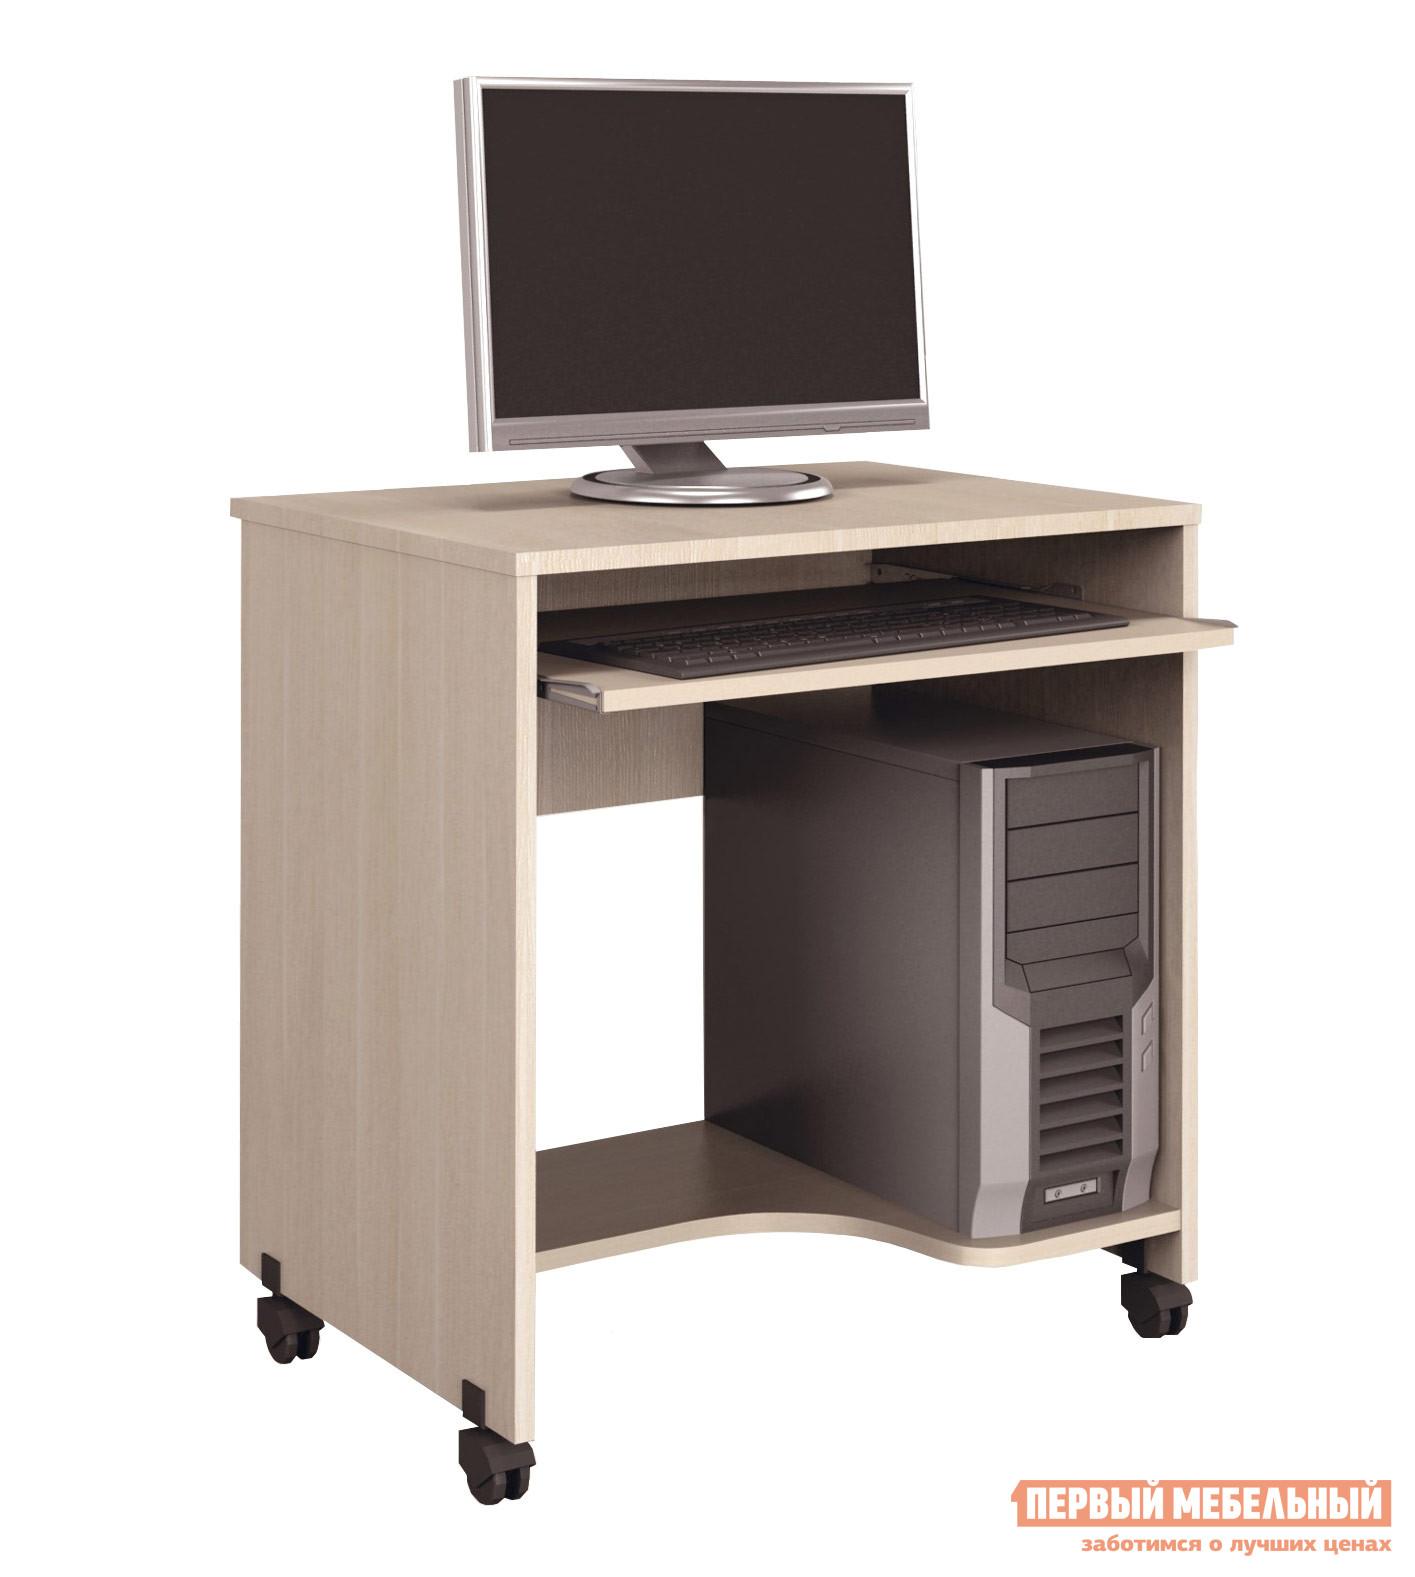 Компьютерный стол Витра Фортуна-22.1 Дуб Кобург